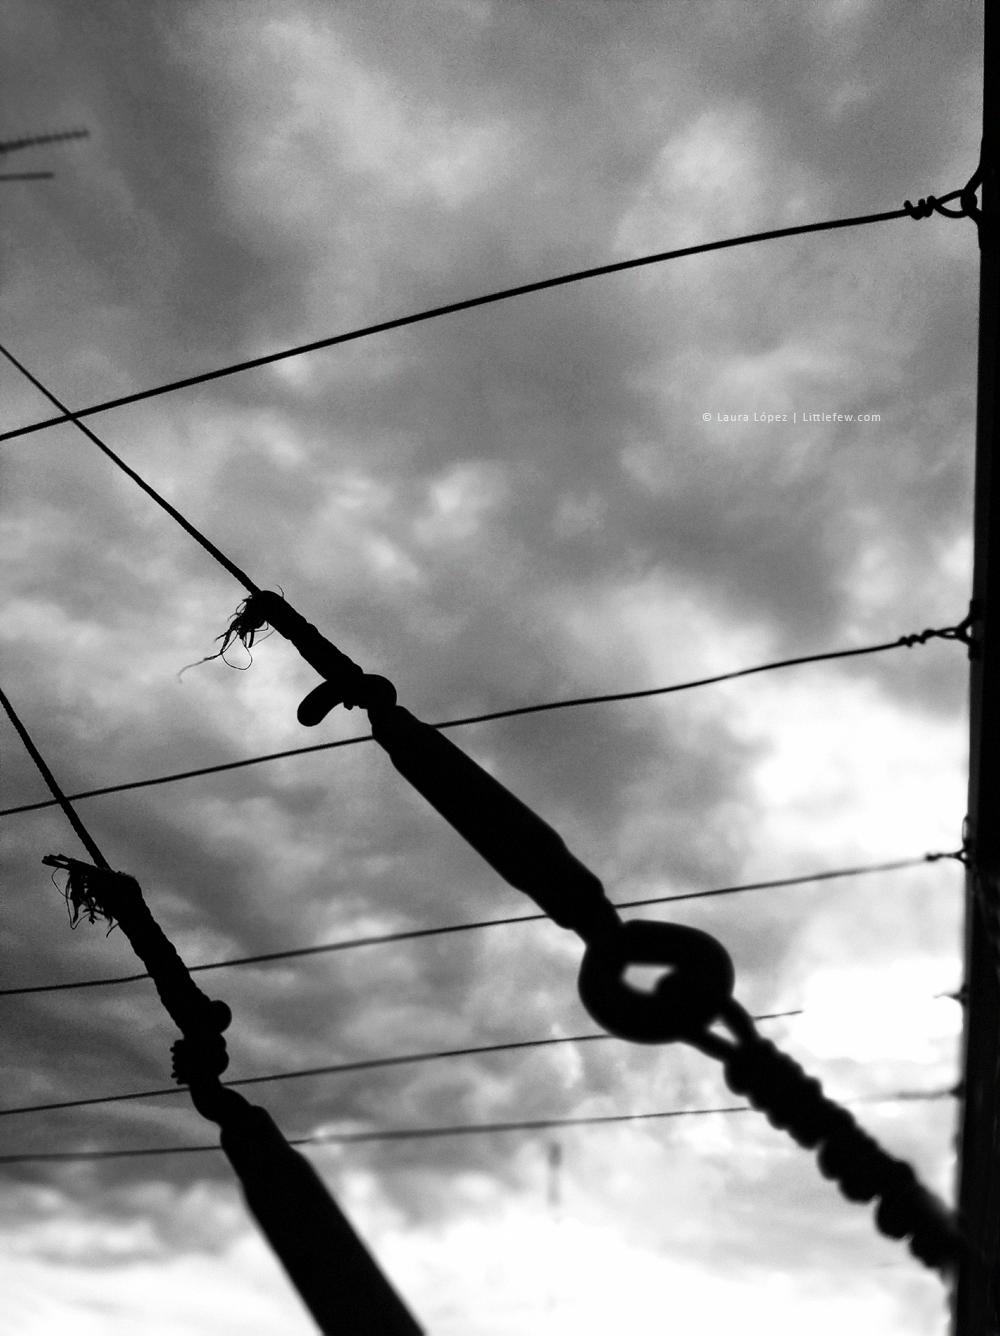 Black and white photography / Fotografía en blanco y negro